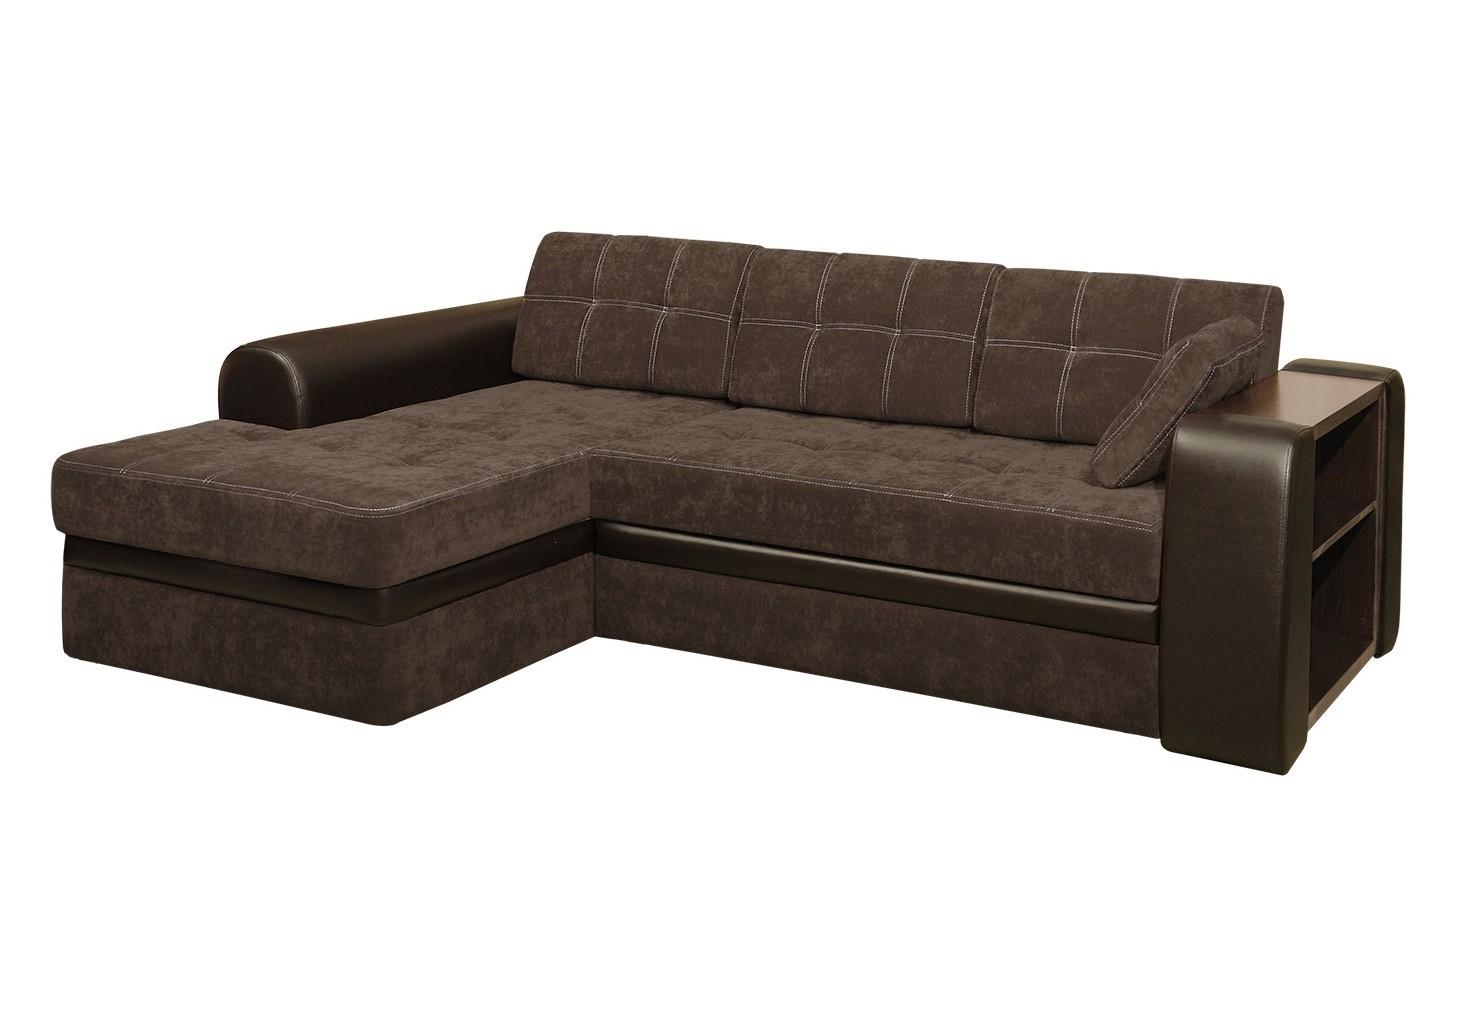 Угловой диван Леон-2 — Угловой диван Леон